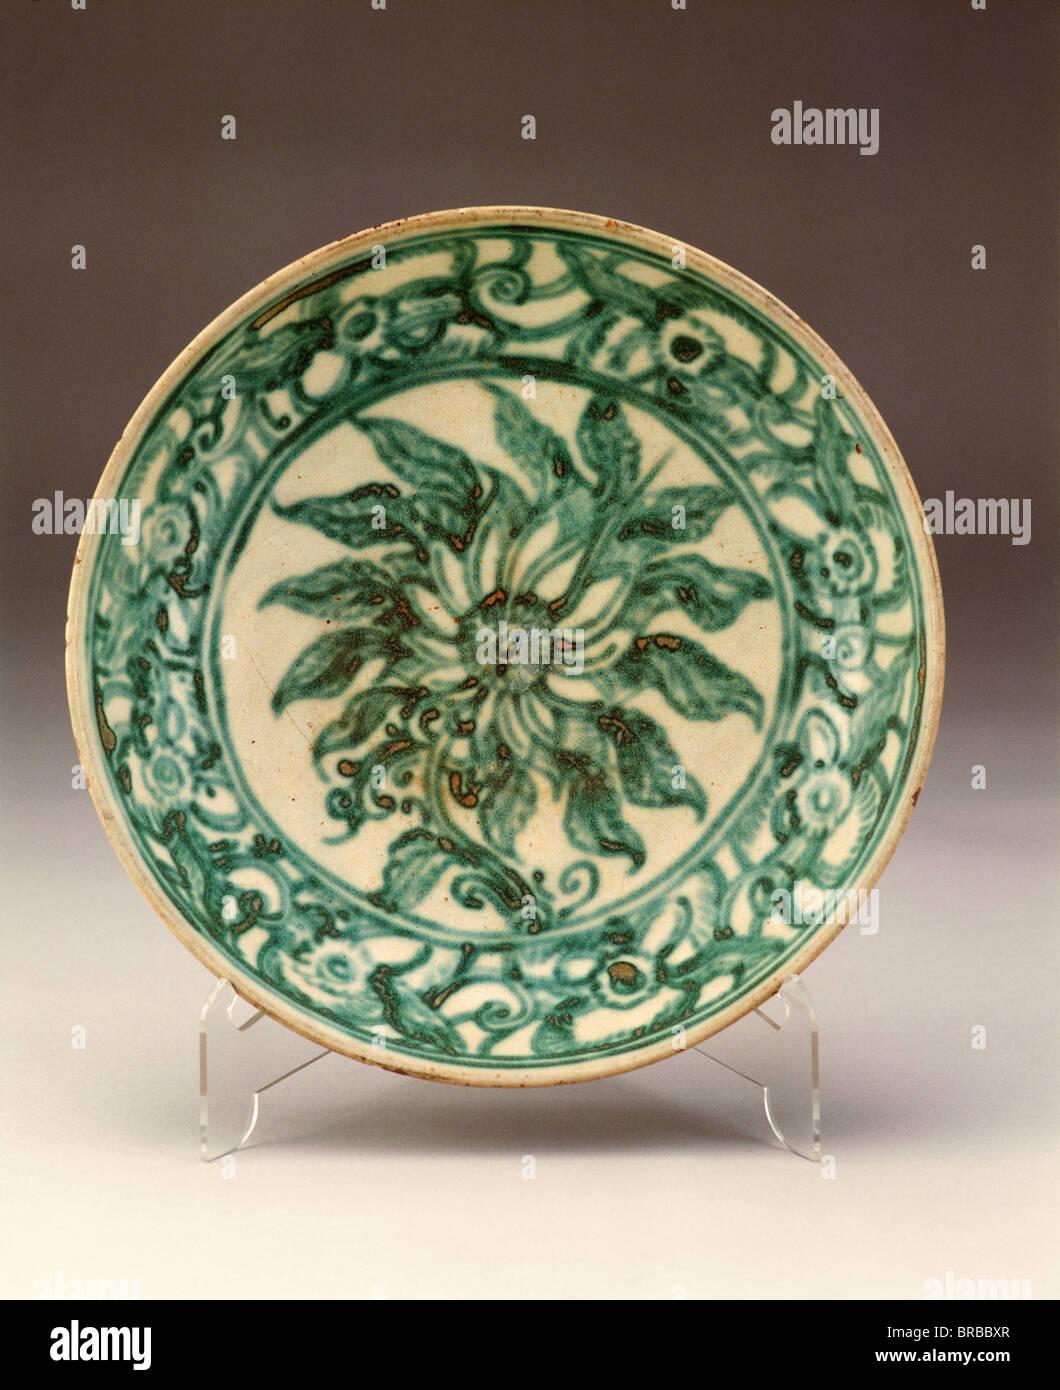 Placa de cerámica vidriada birmano que datan de los siglos XV y XVI, de la Tak excavaciones, Myanmar (Birmania) Imagen De Stock